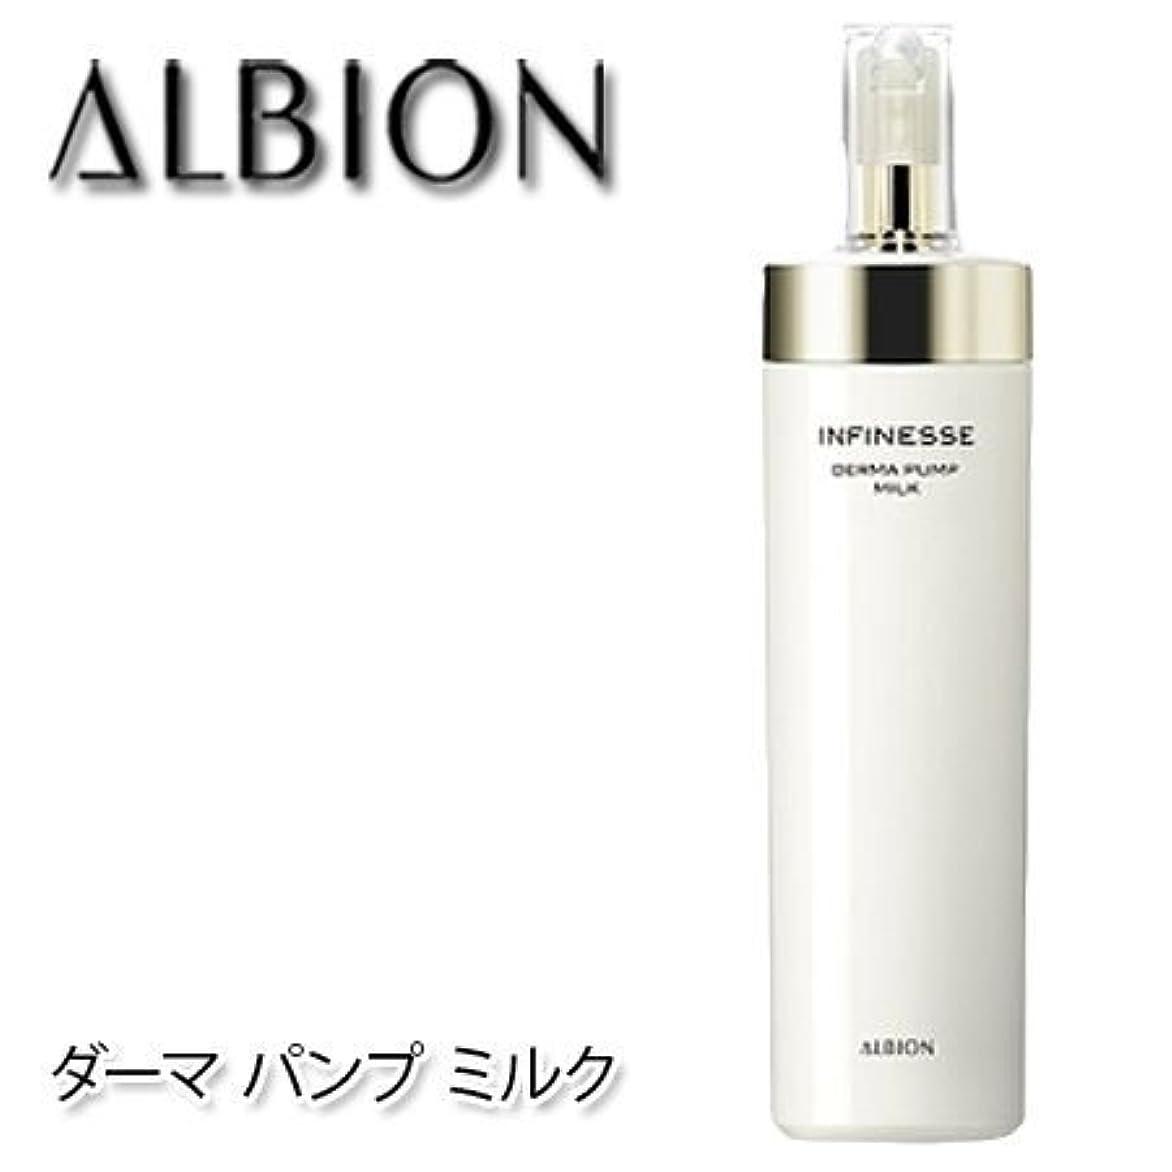 おもしろいプロポーショナル一般アルビオン アンフィネス ダーマ パンプ ミルク 200g-ALBION-